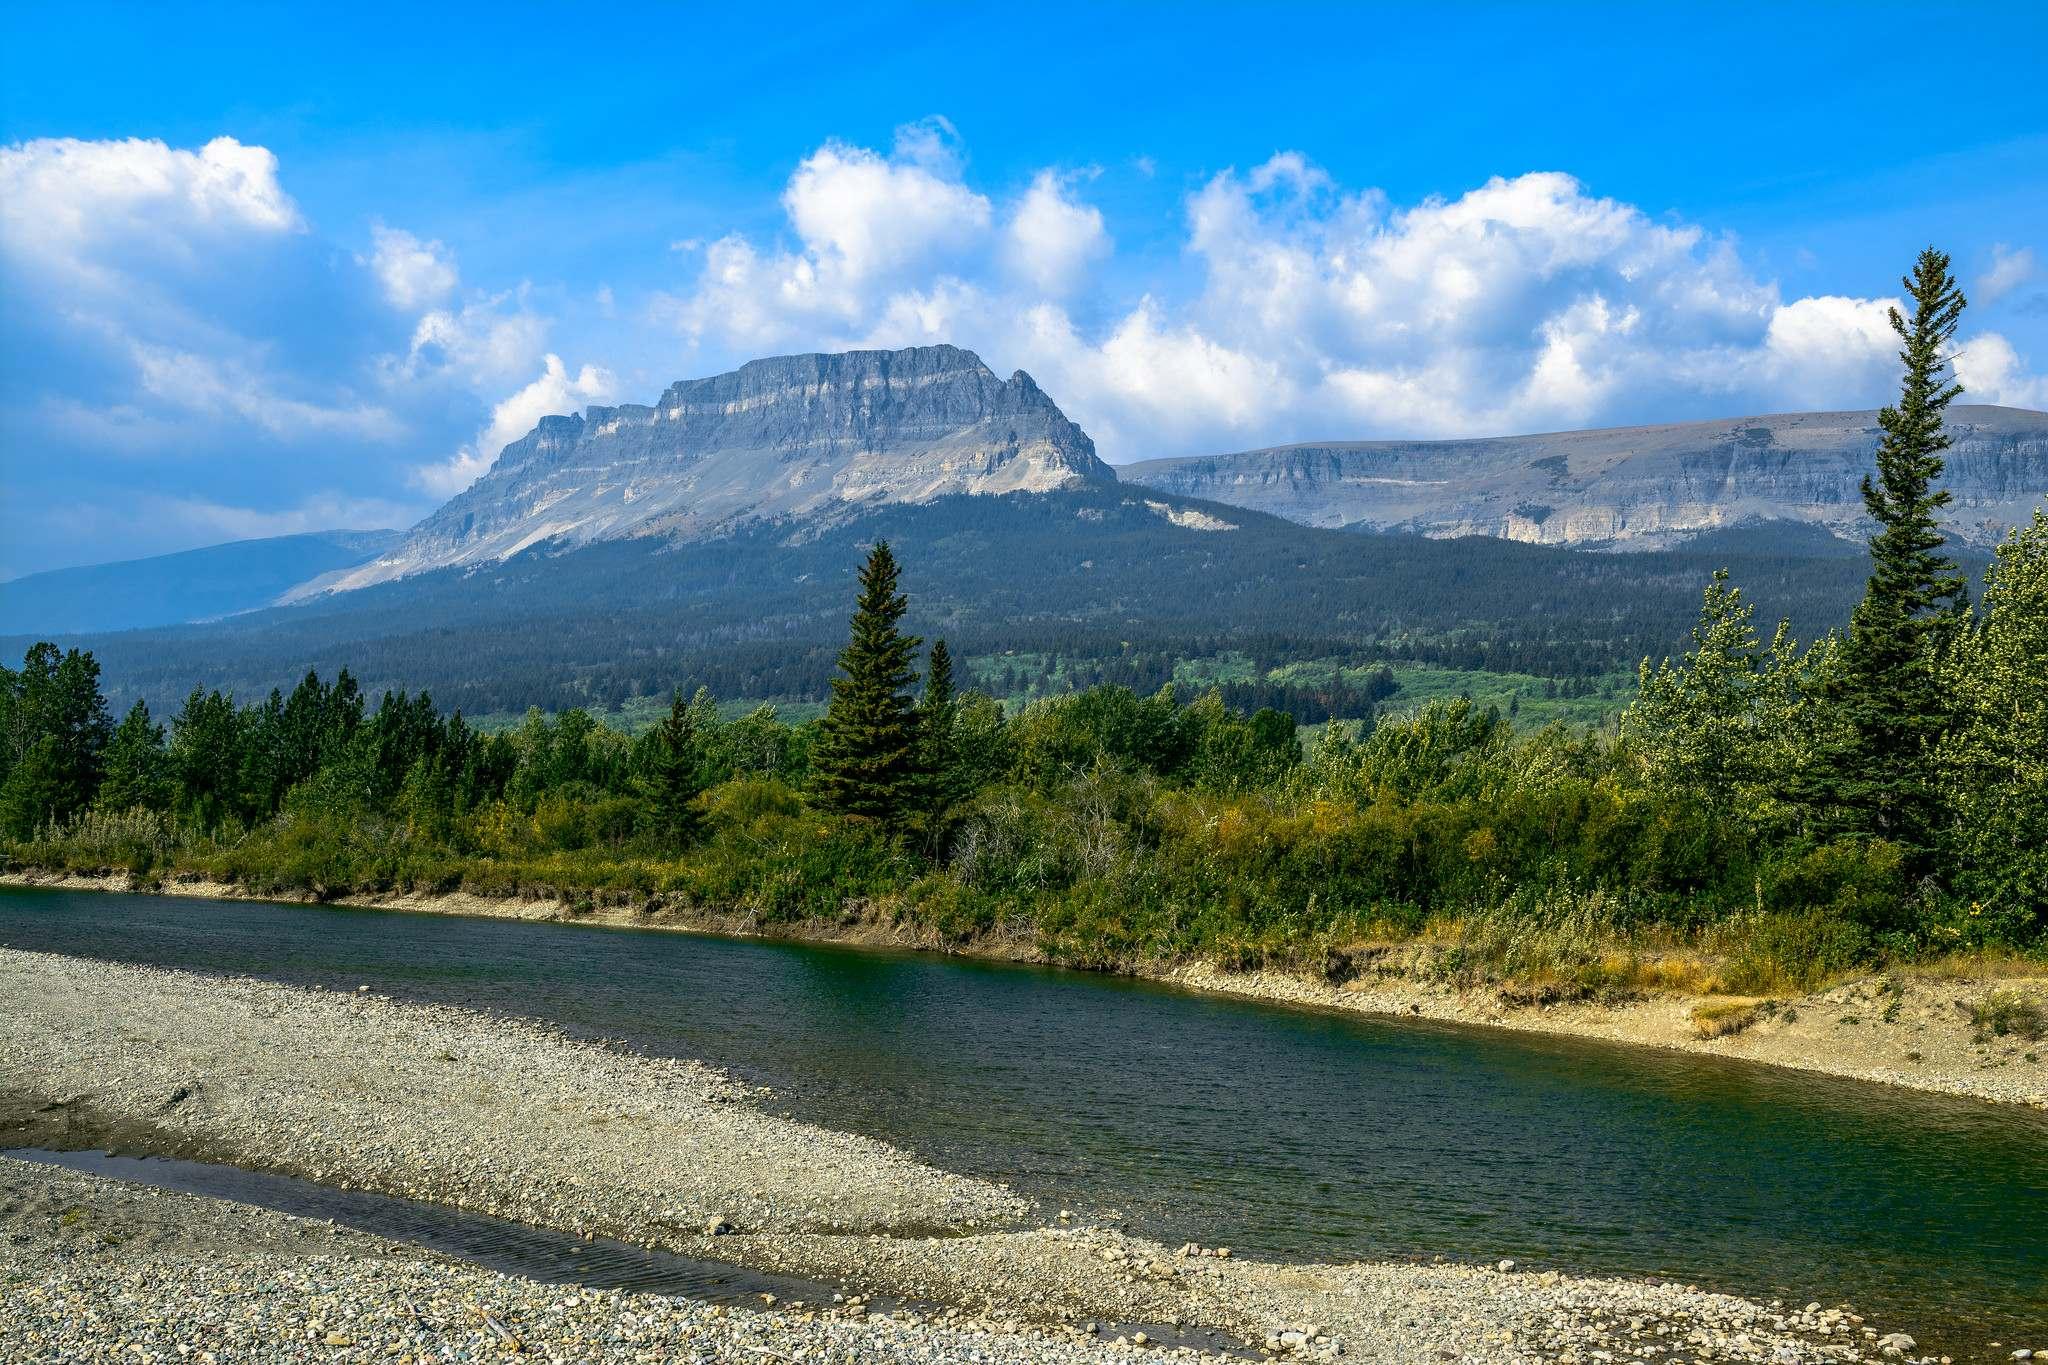 glacier national park13 Scenic Glacier National Park, Montana